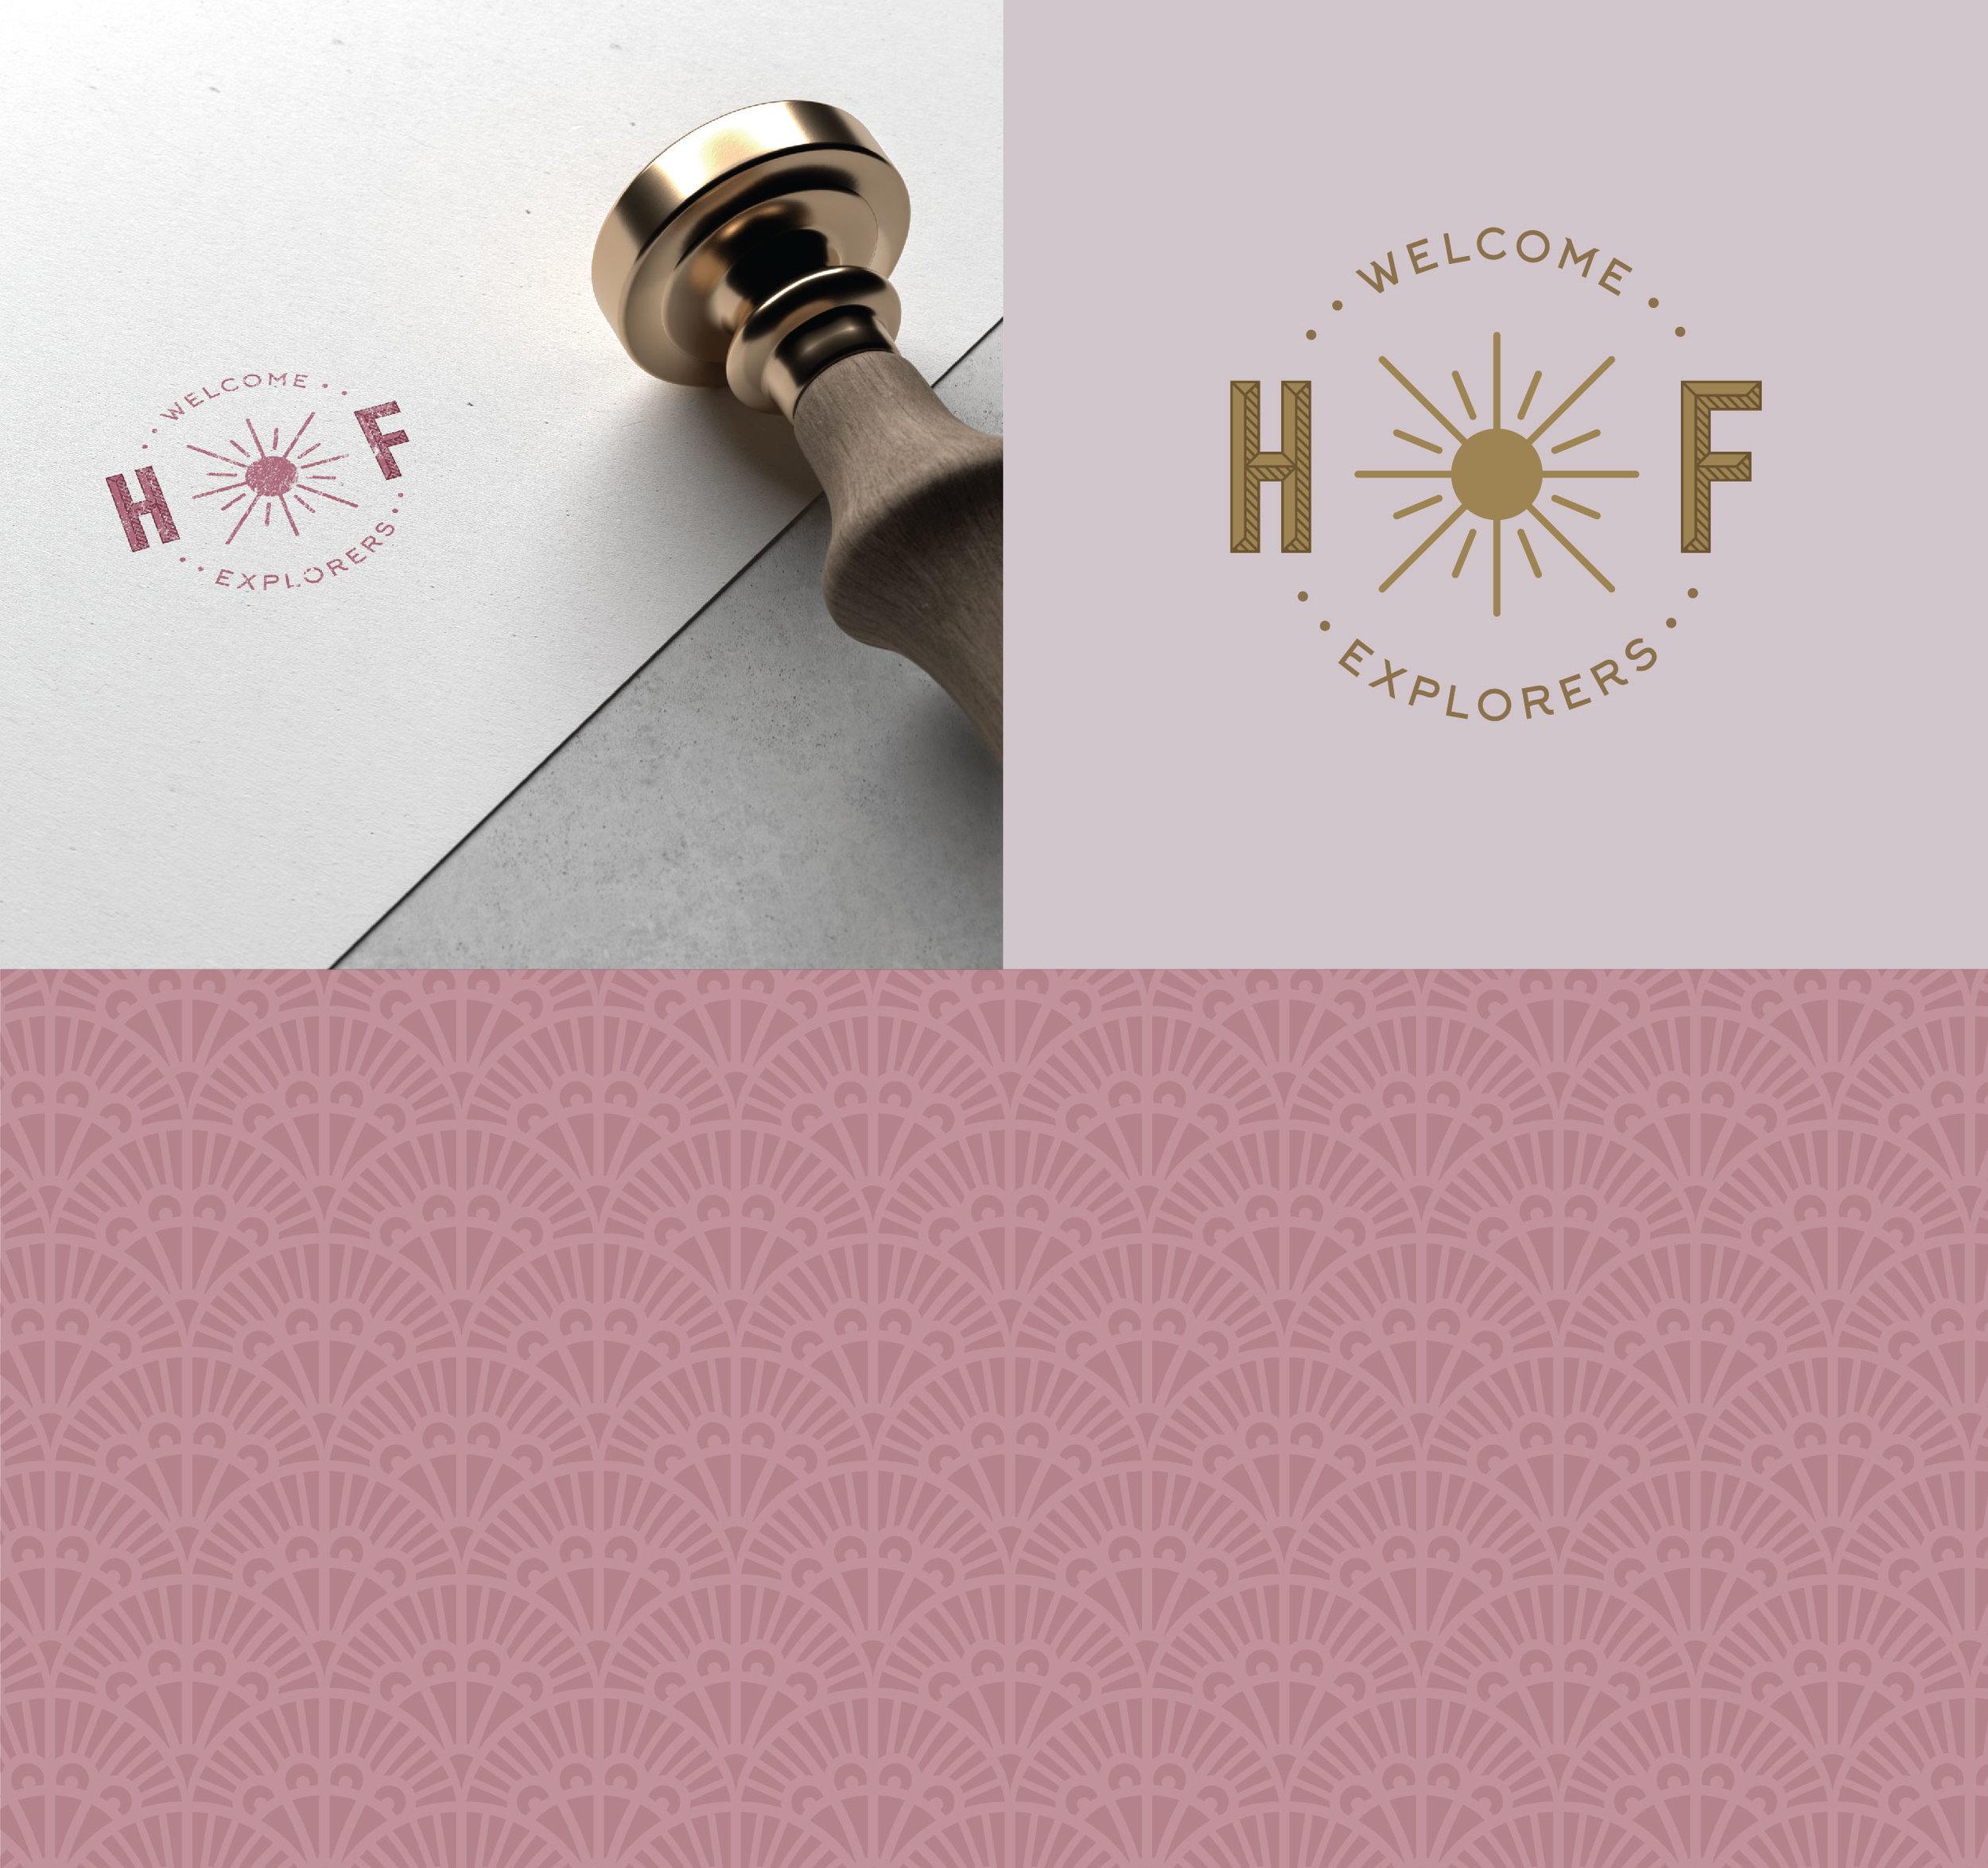 HotelFrederickCaseStudyBrandBoard AsReleased7.15.19-07.jpg